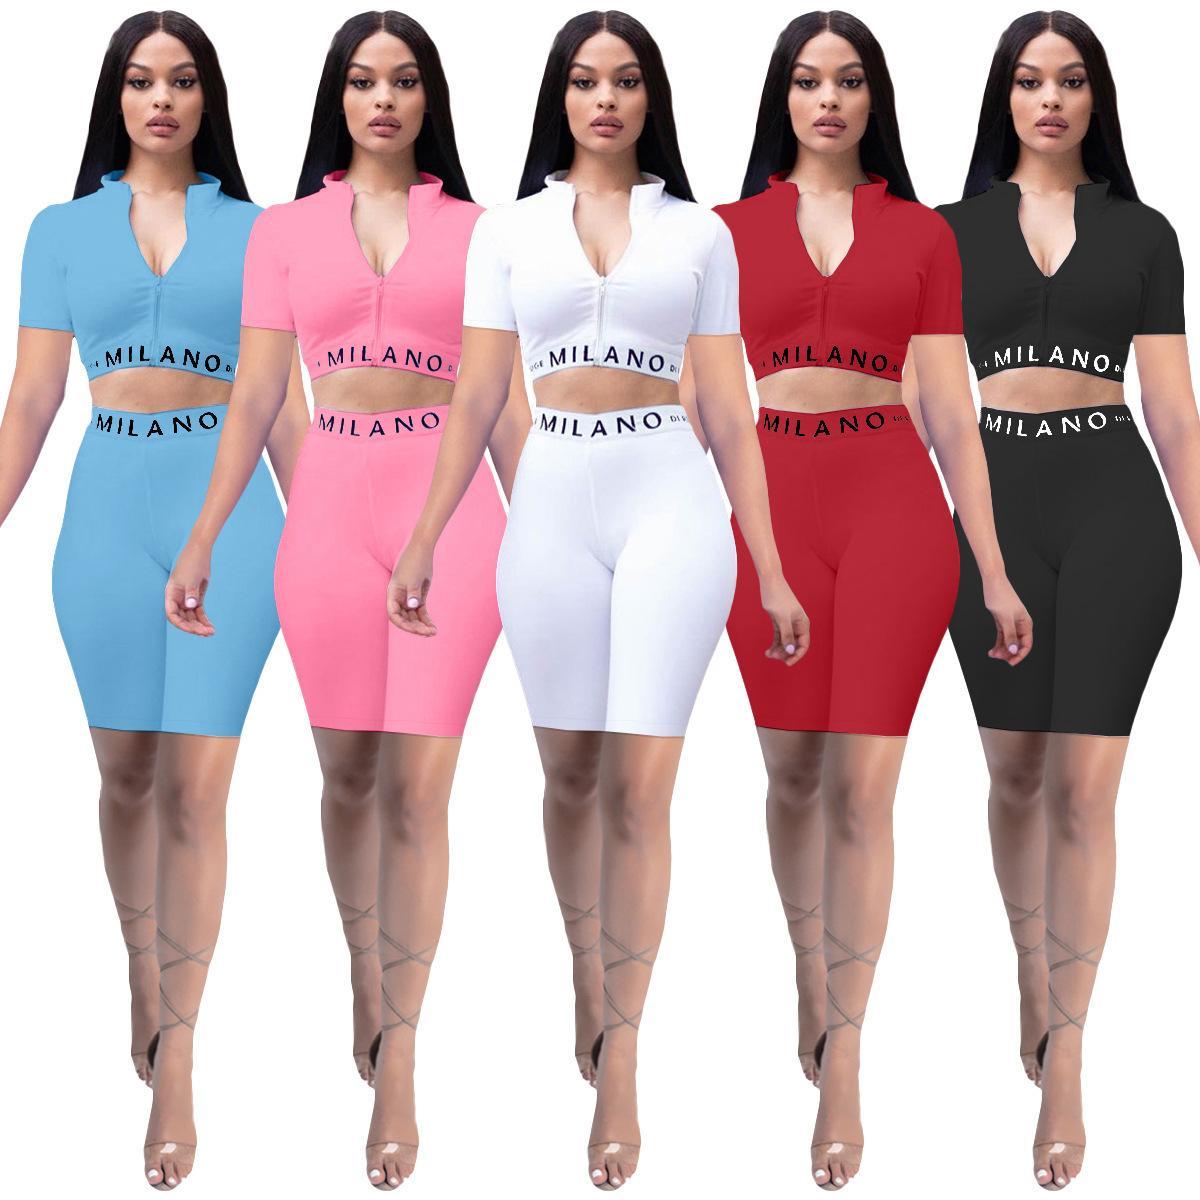 Nouveau costume à manches courtes Sexy Womens 2021 Mode d'été Couleur pure Couleur Slim Slim Lettre imprimé à manches courtes Yoga Two Piece Sports costume 5 couleurs